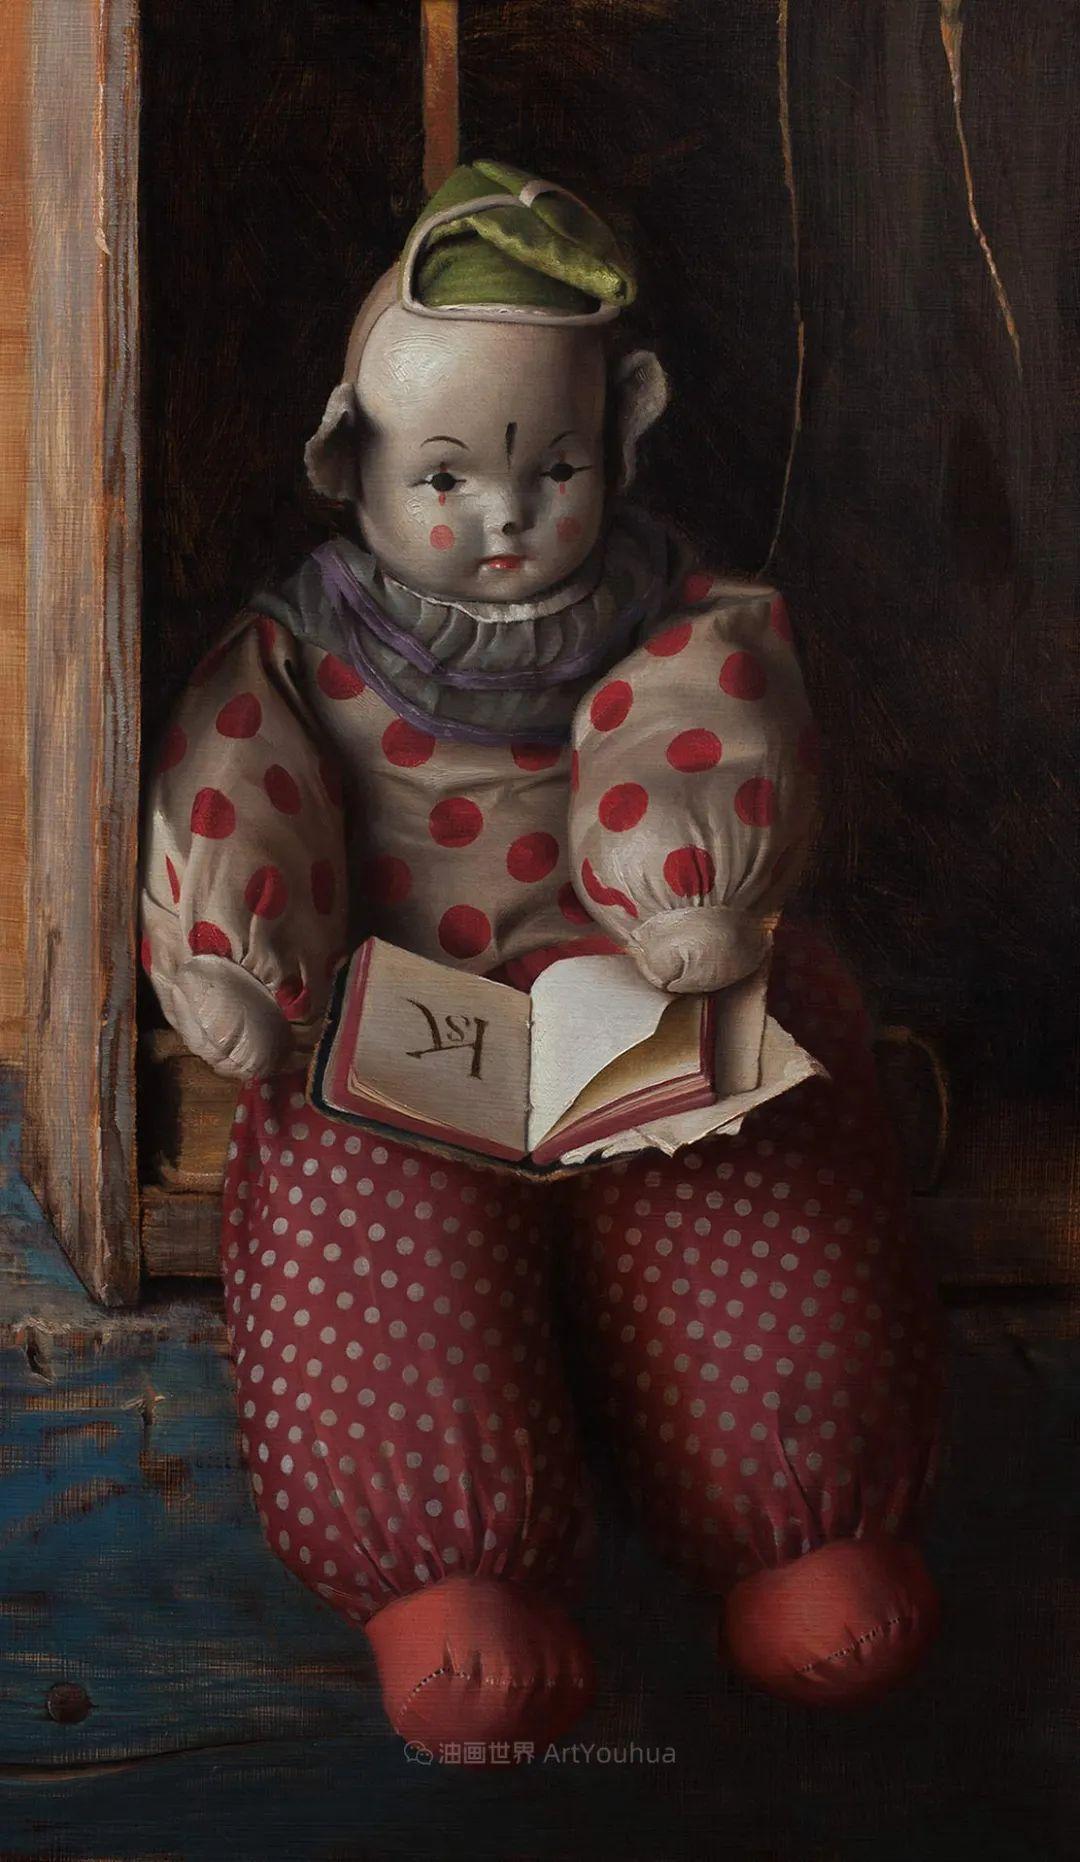 细致入微的静物与肖像,加拿大女画家凯瑟琳·斯通插图67